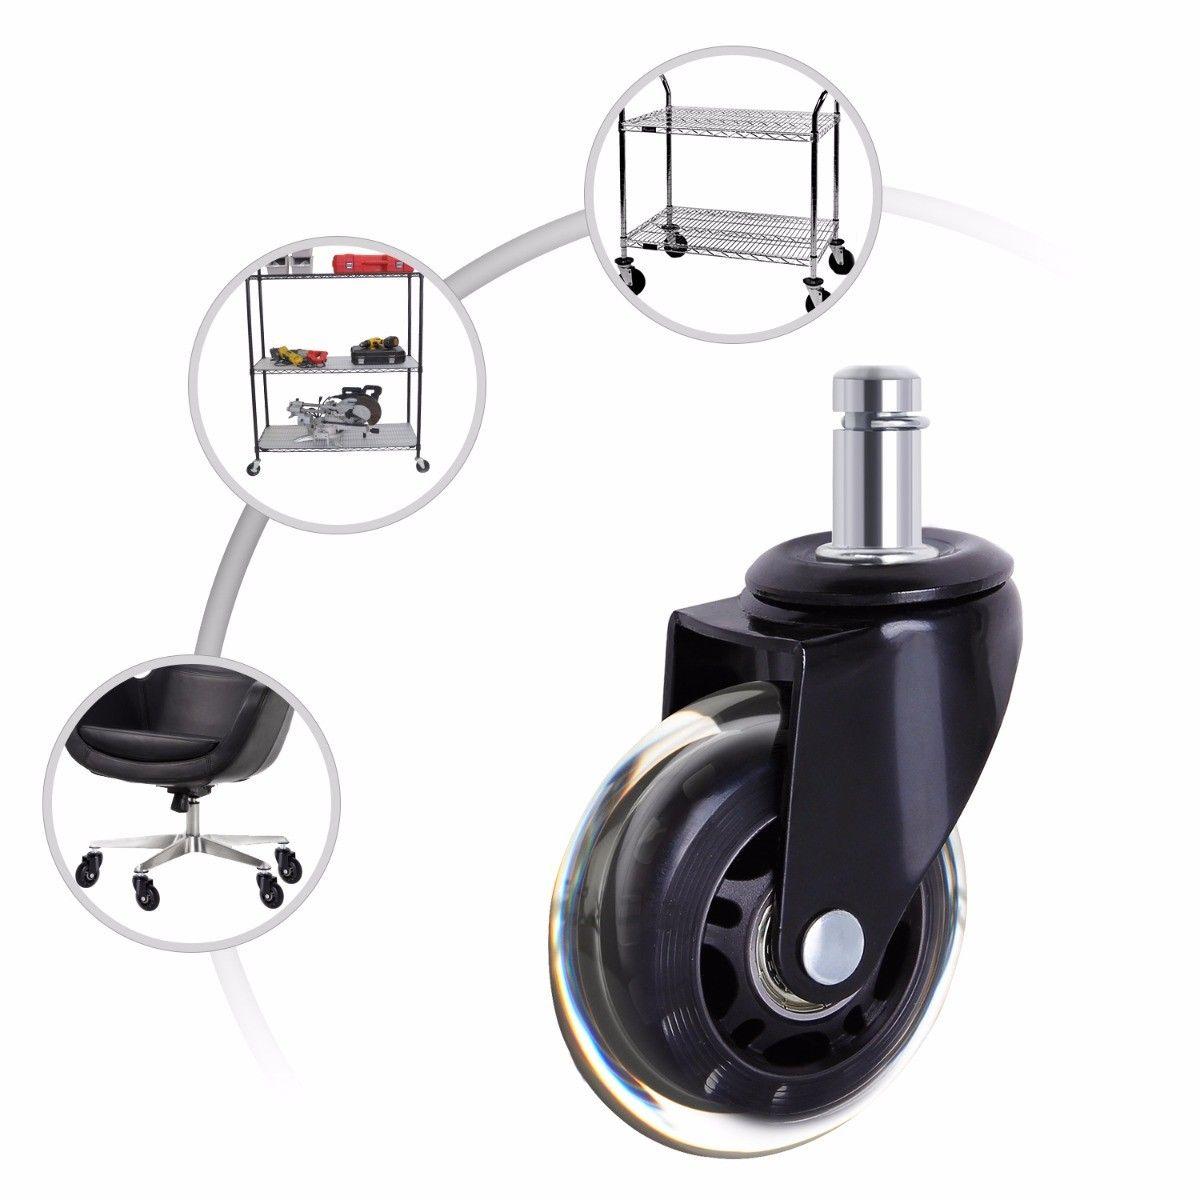 5 peças rodas rodízio cadeira de escritório 3 Polegada giratória rodízio resistente rodas substituição macio seguro rolos móveis ferragem-3